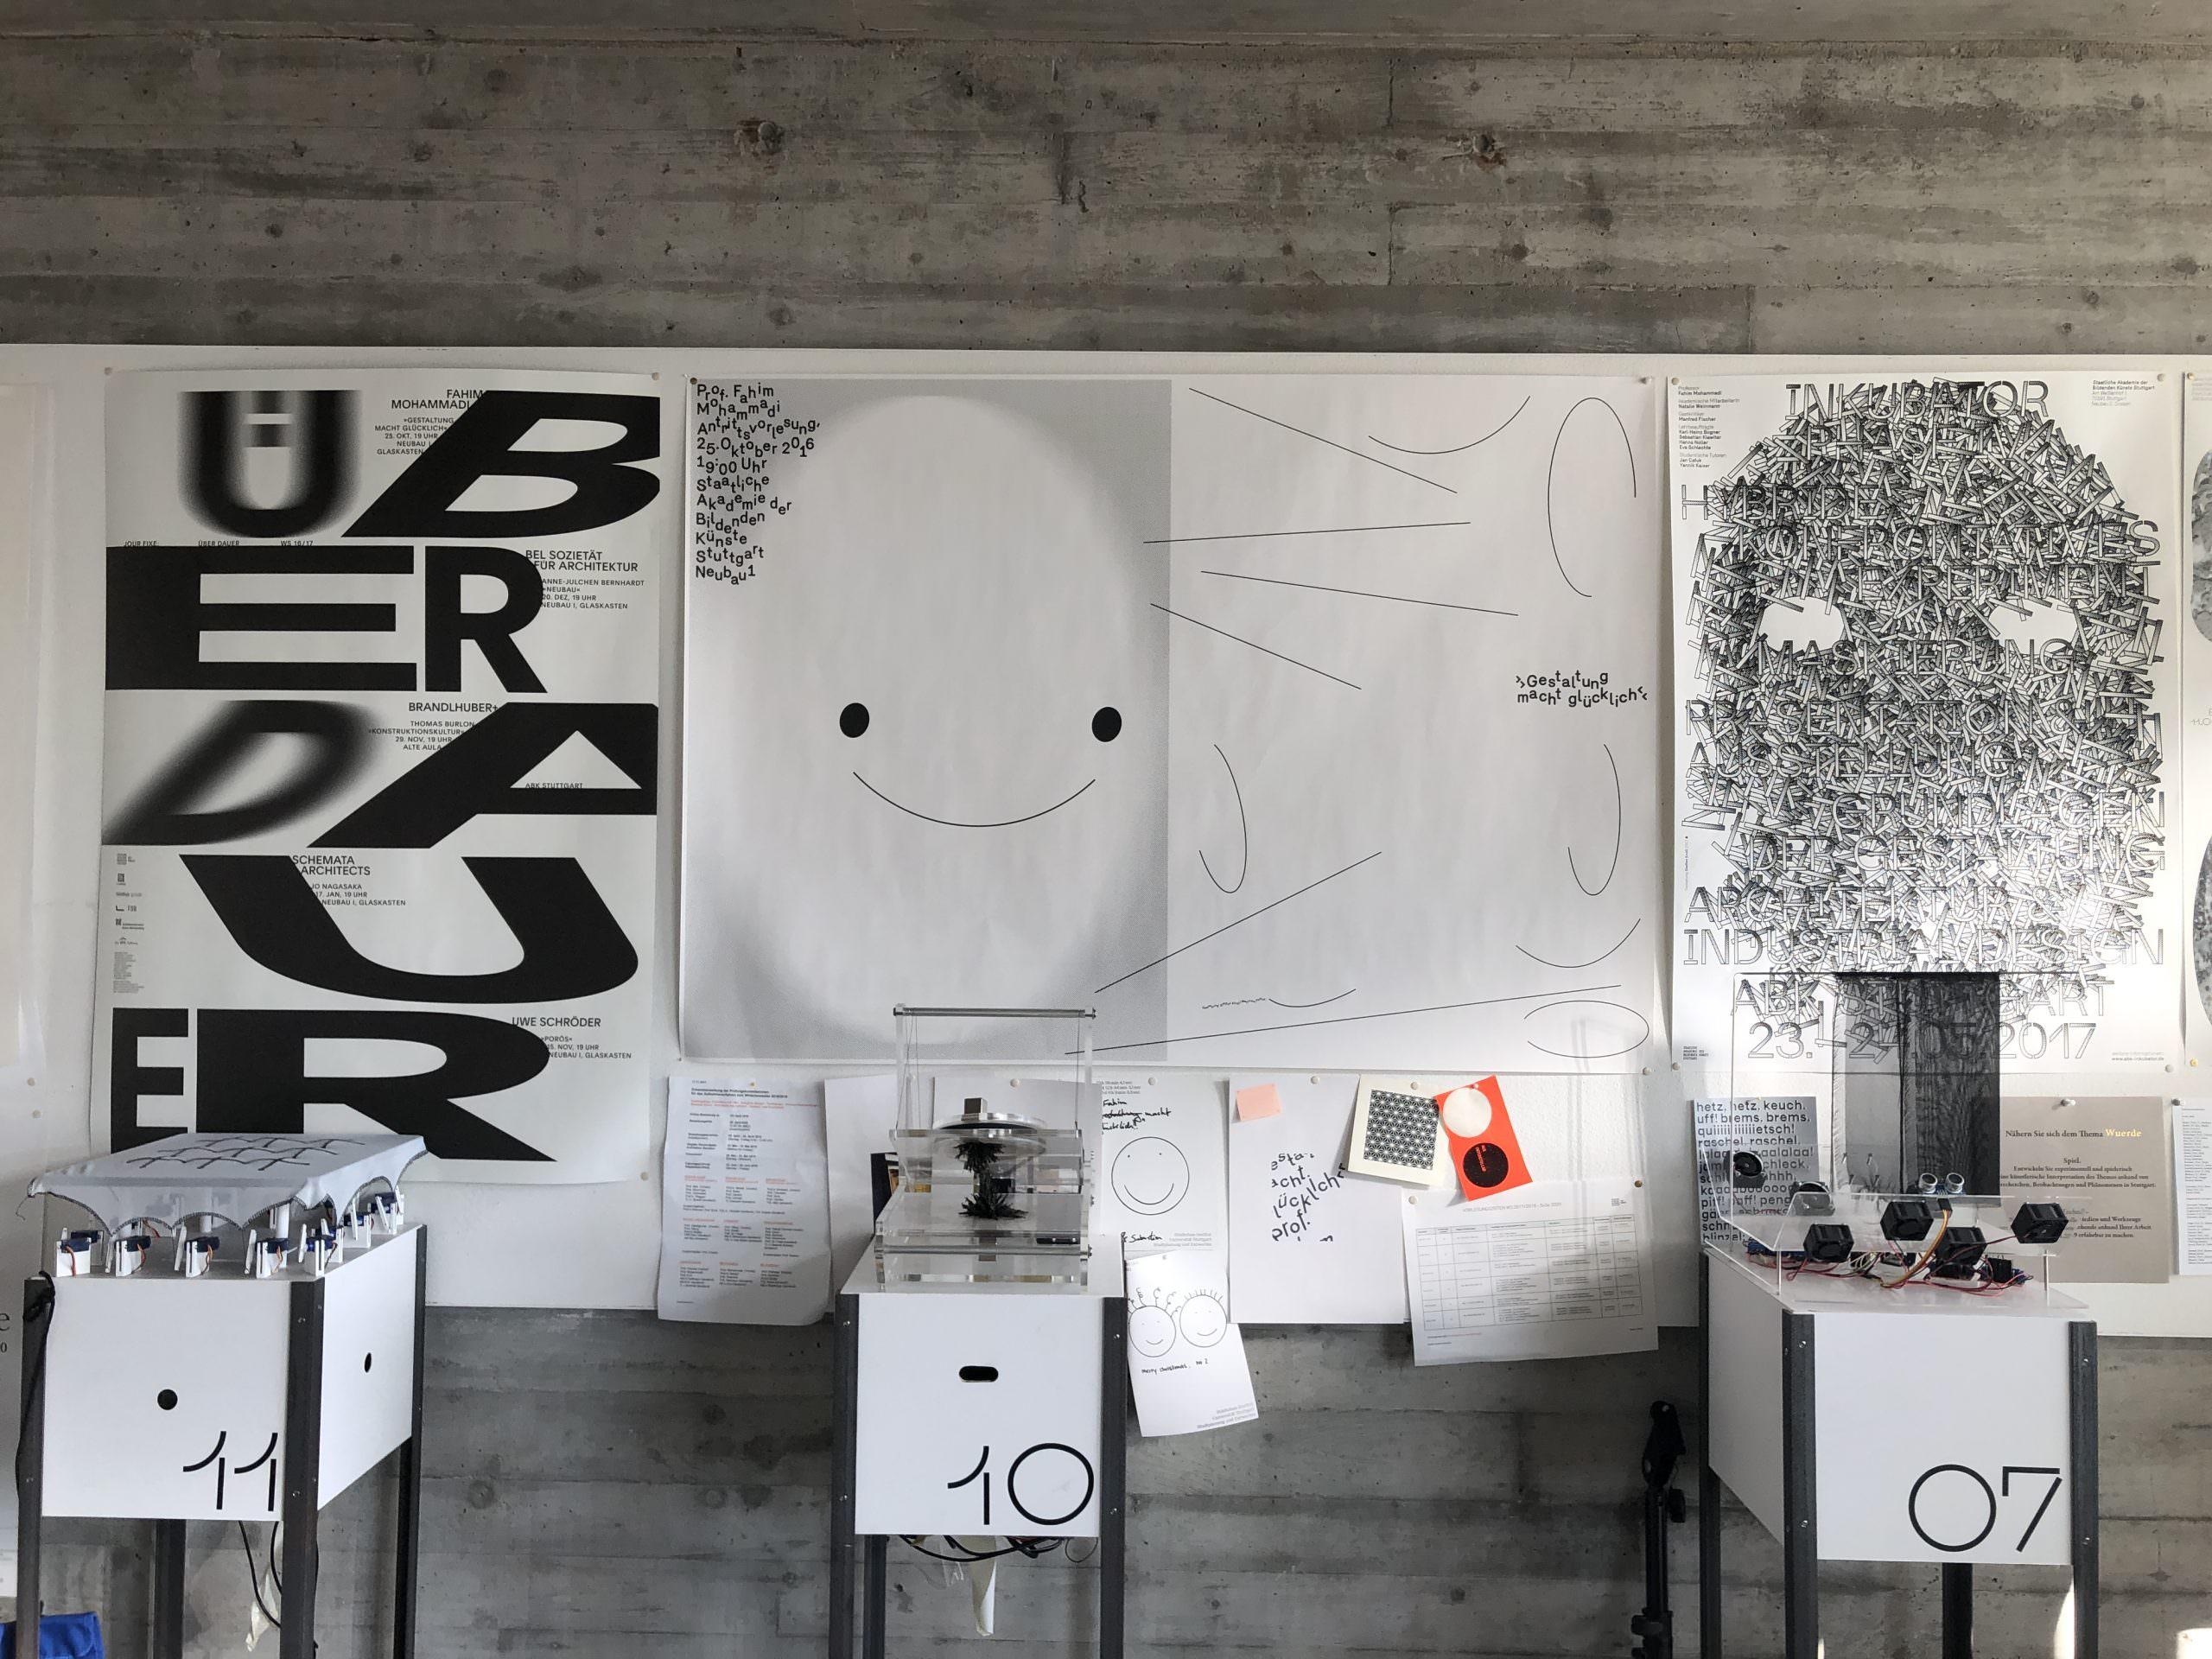 Gestaltung für »Gestaltung macht Glücklich«, Antrittsvorlesung für Professor Fahim Mohammadi, Lehrstuhl für die Grundlagen der Gestaltung im Fachbereich Architektur an der ABK Stuttgart.